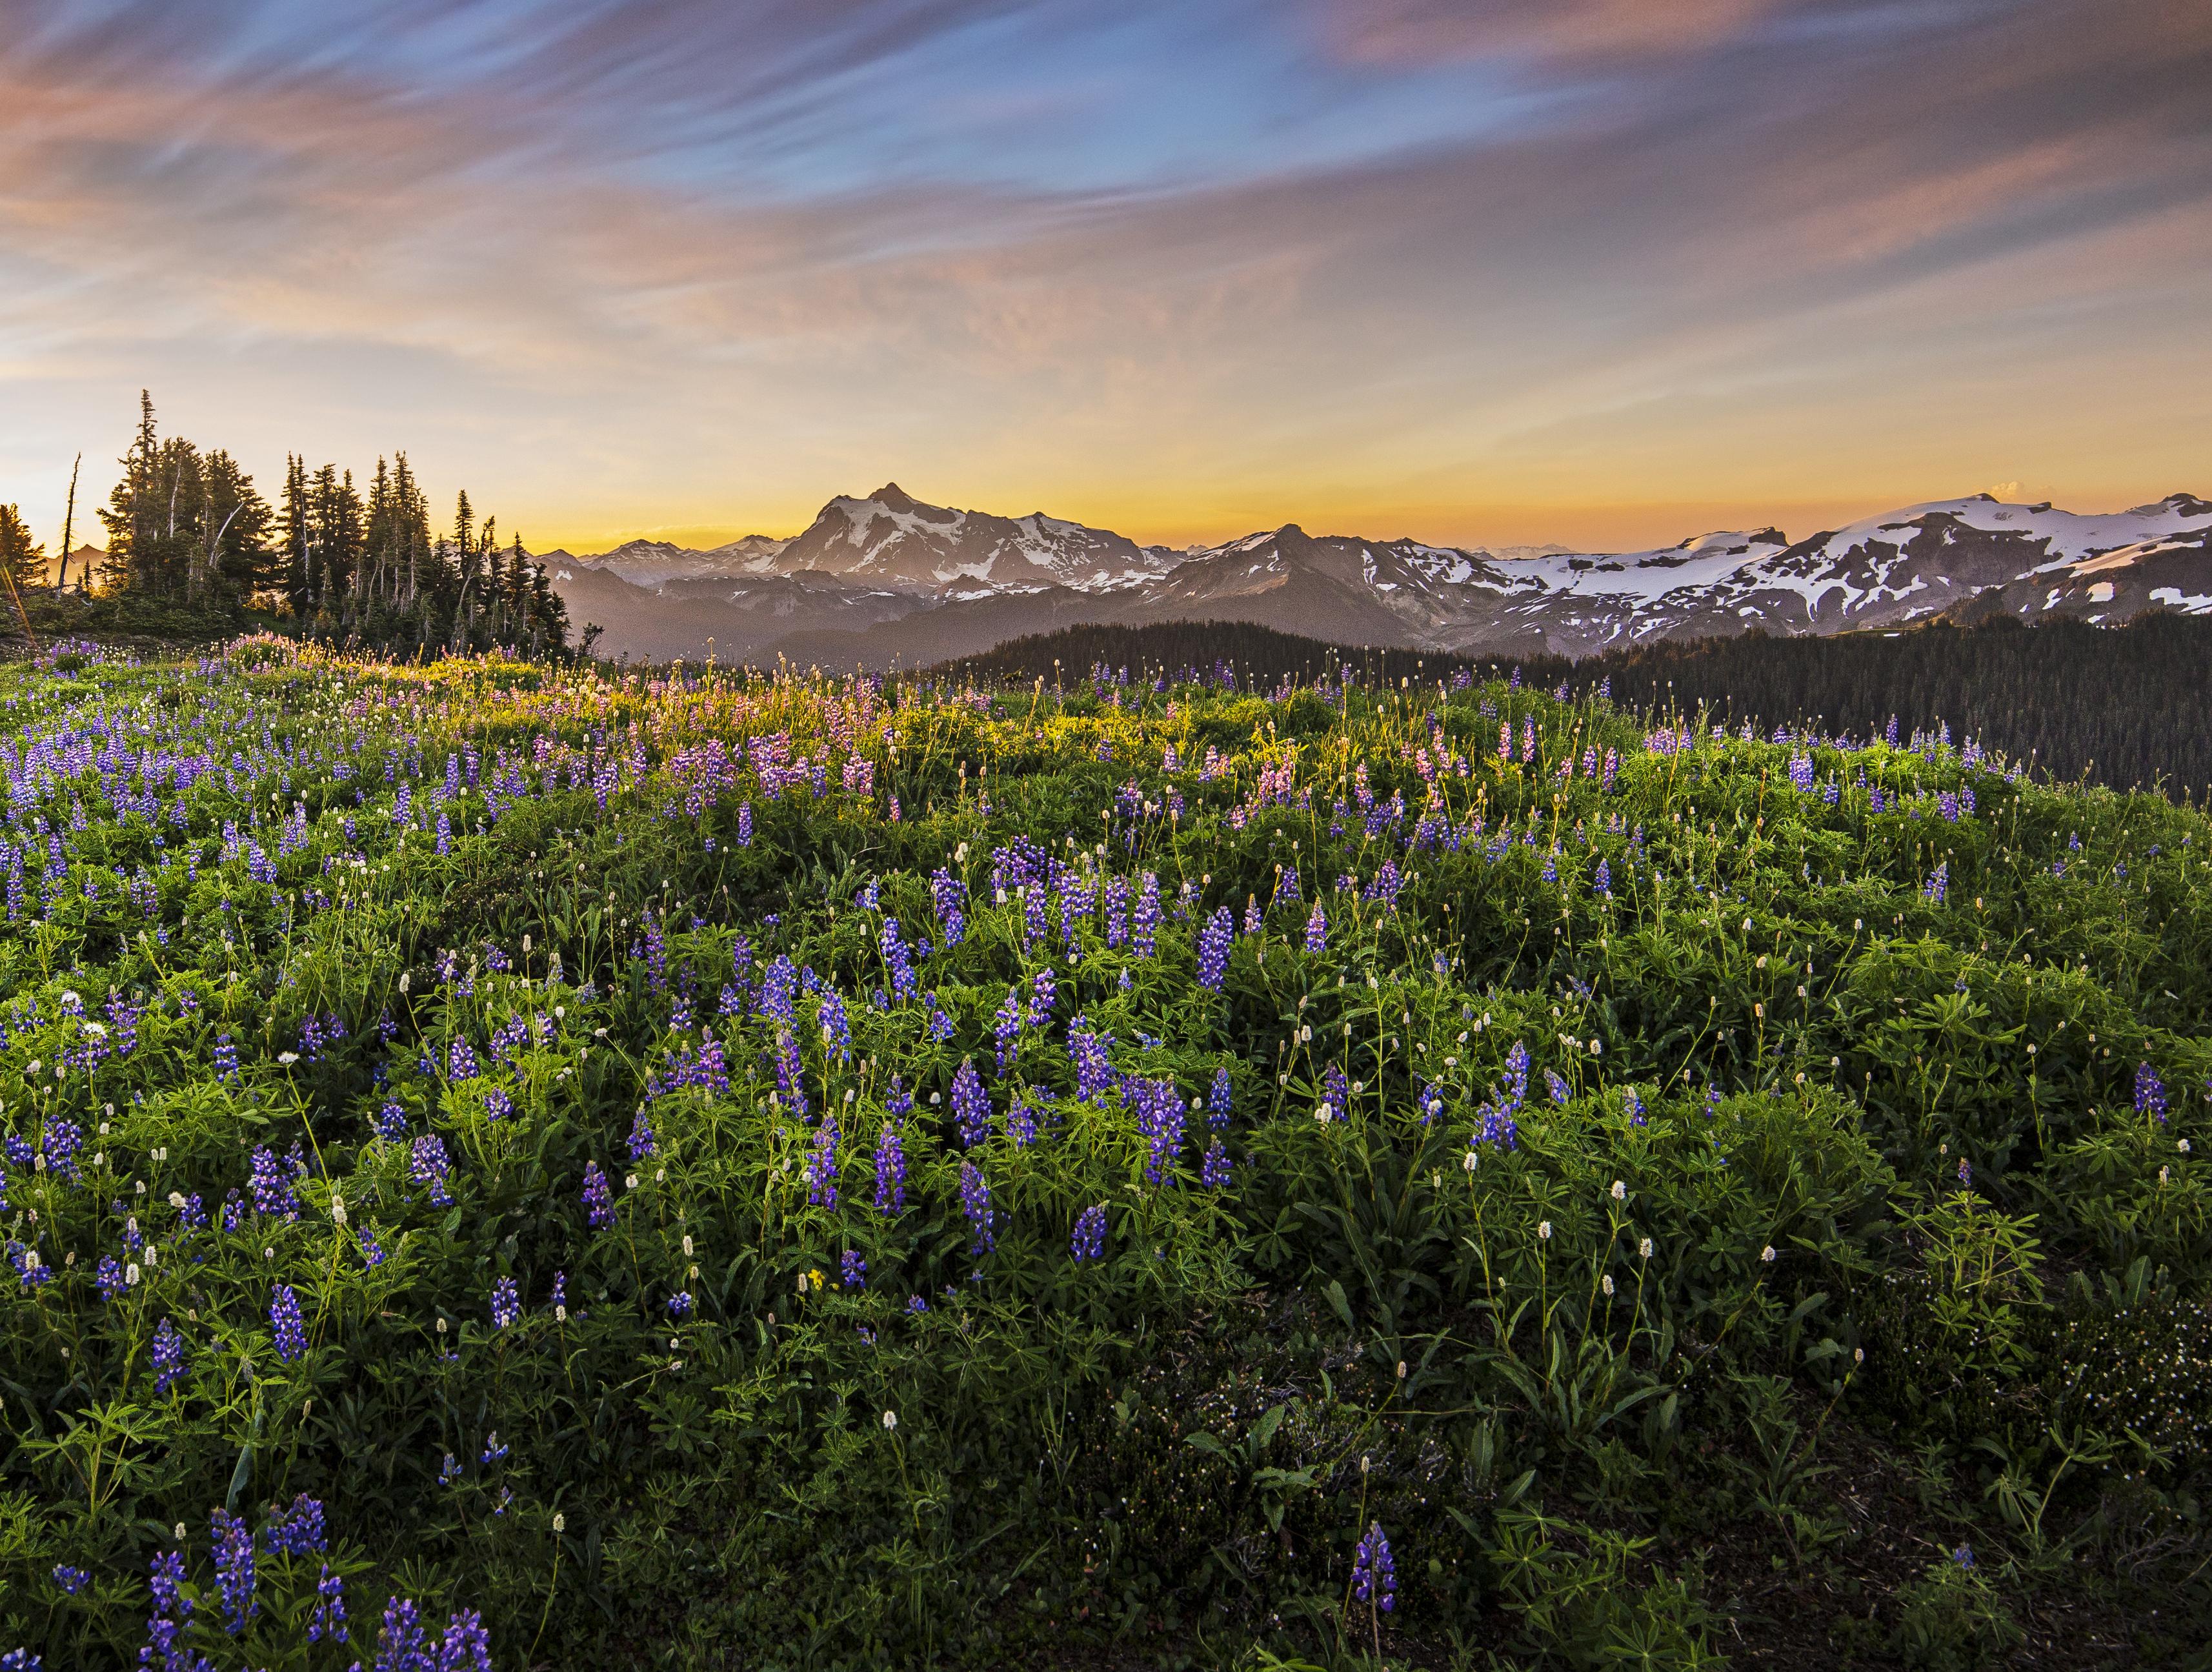 Sepetmber - Mount Shuksan from Skyline Divide